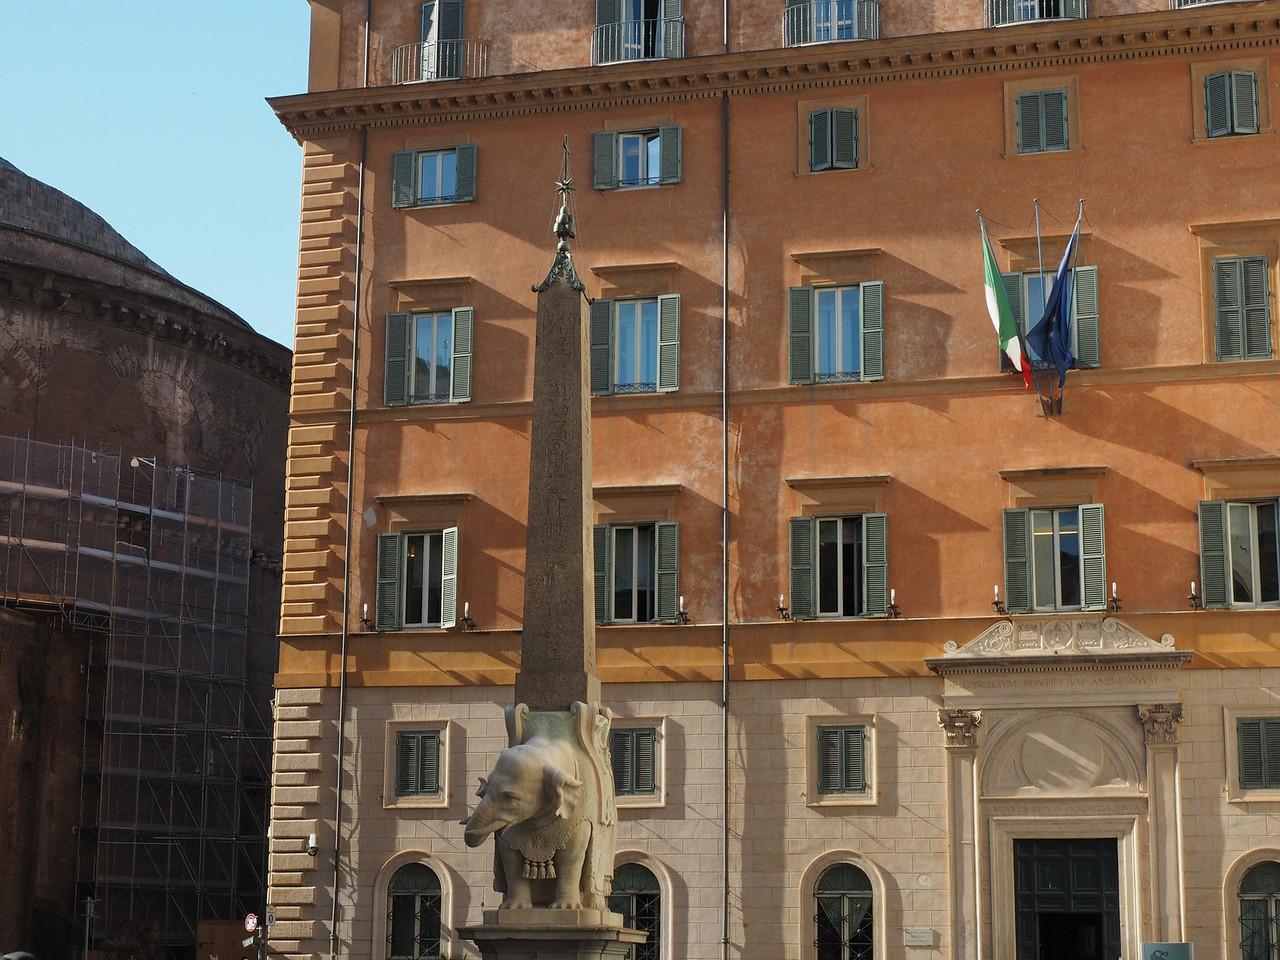 Il Pulcino sculpted by Bernini & Fermata (1667) Elephant supporting an Egyptian Obelisk (570 BC) in Piazza de la Minerva